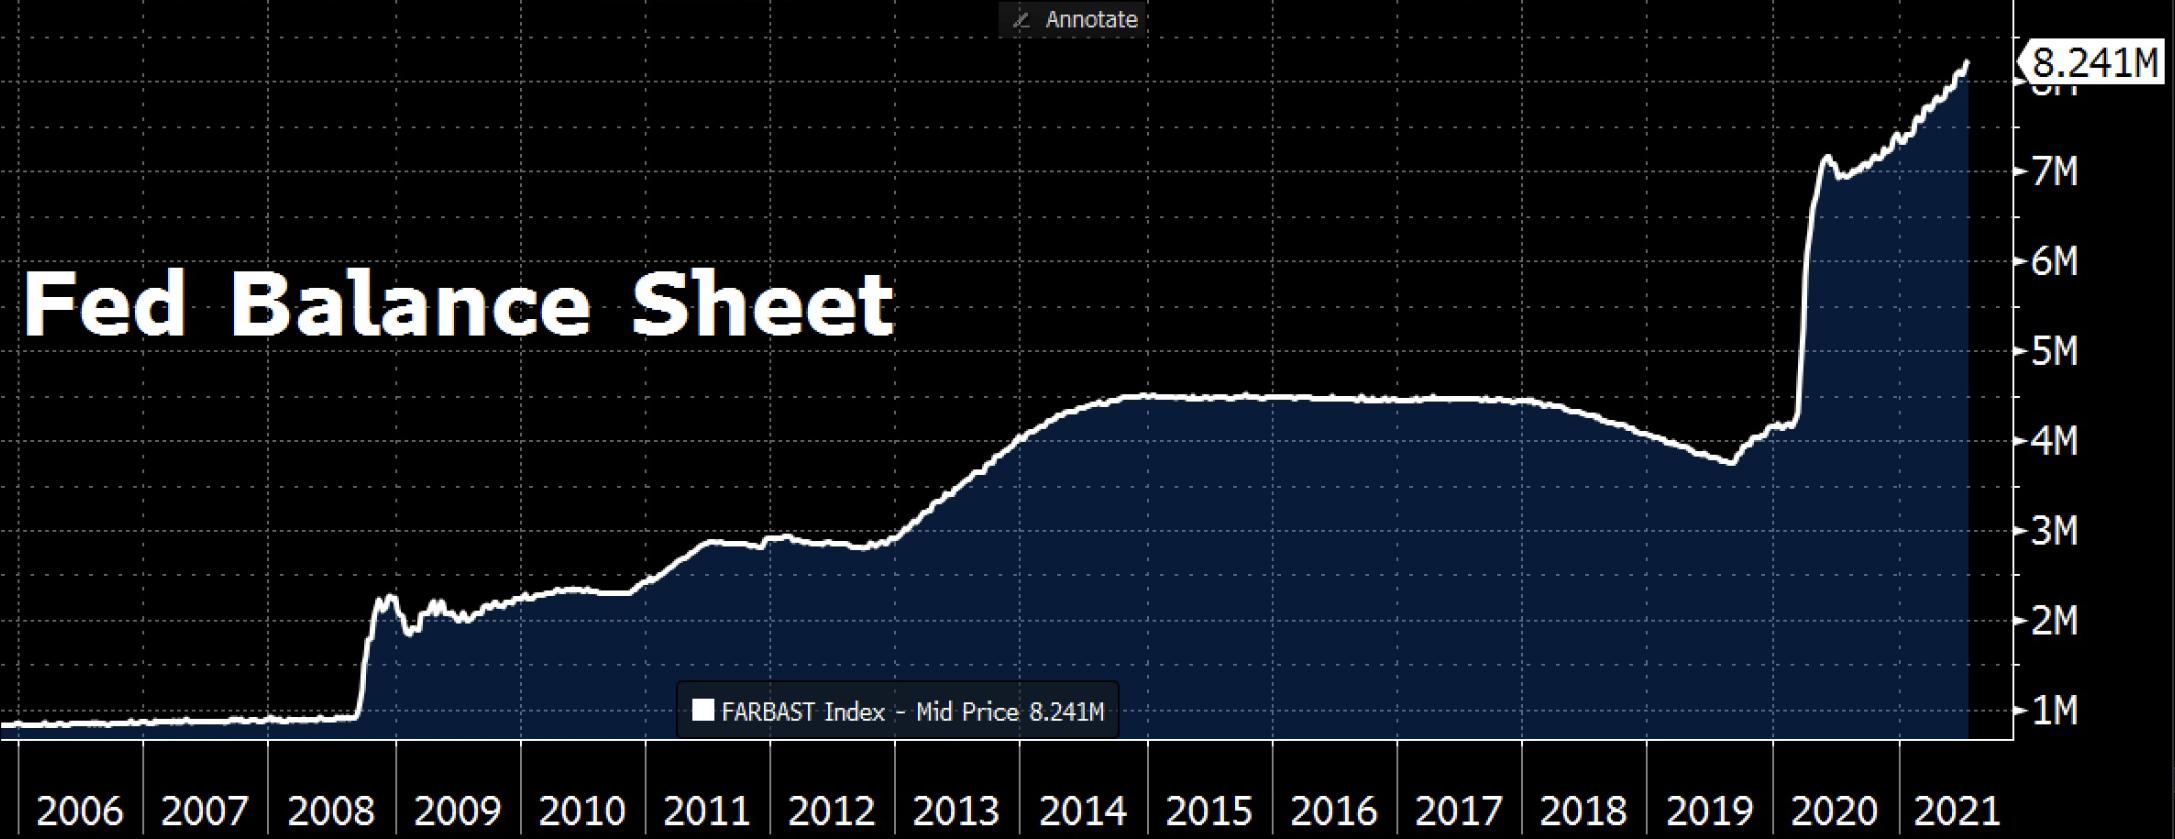 美联储鲍威尔:离实质性进展还有距离 缩债时间点未来再议